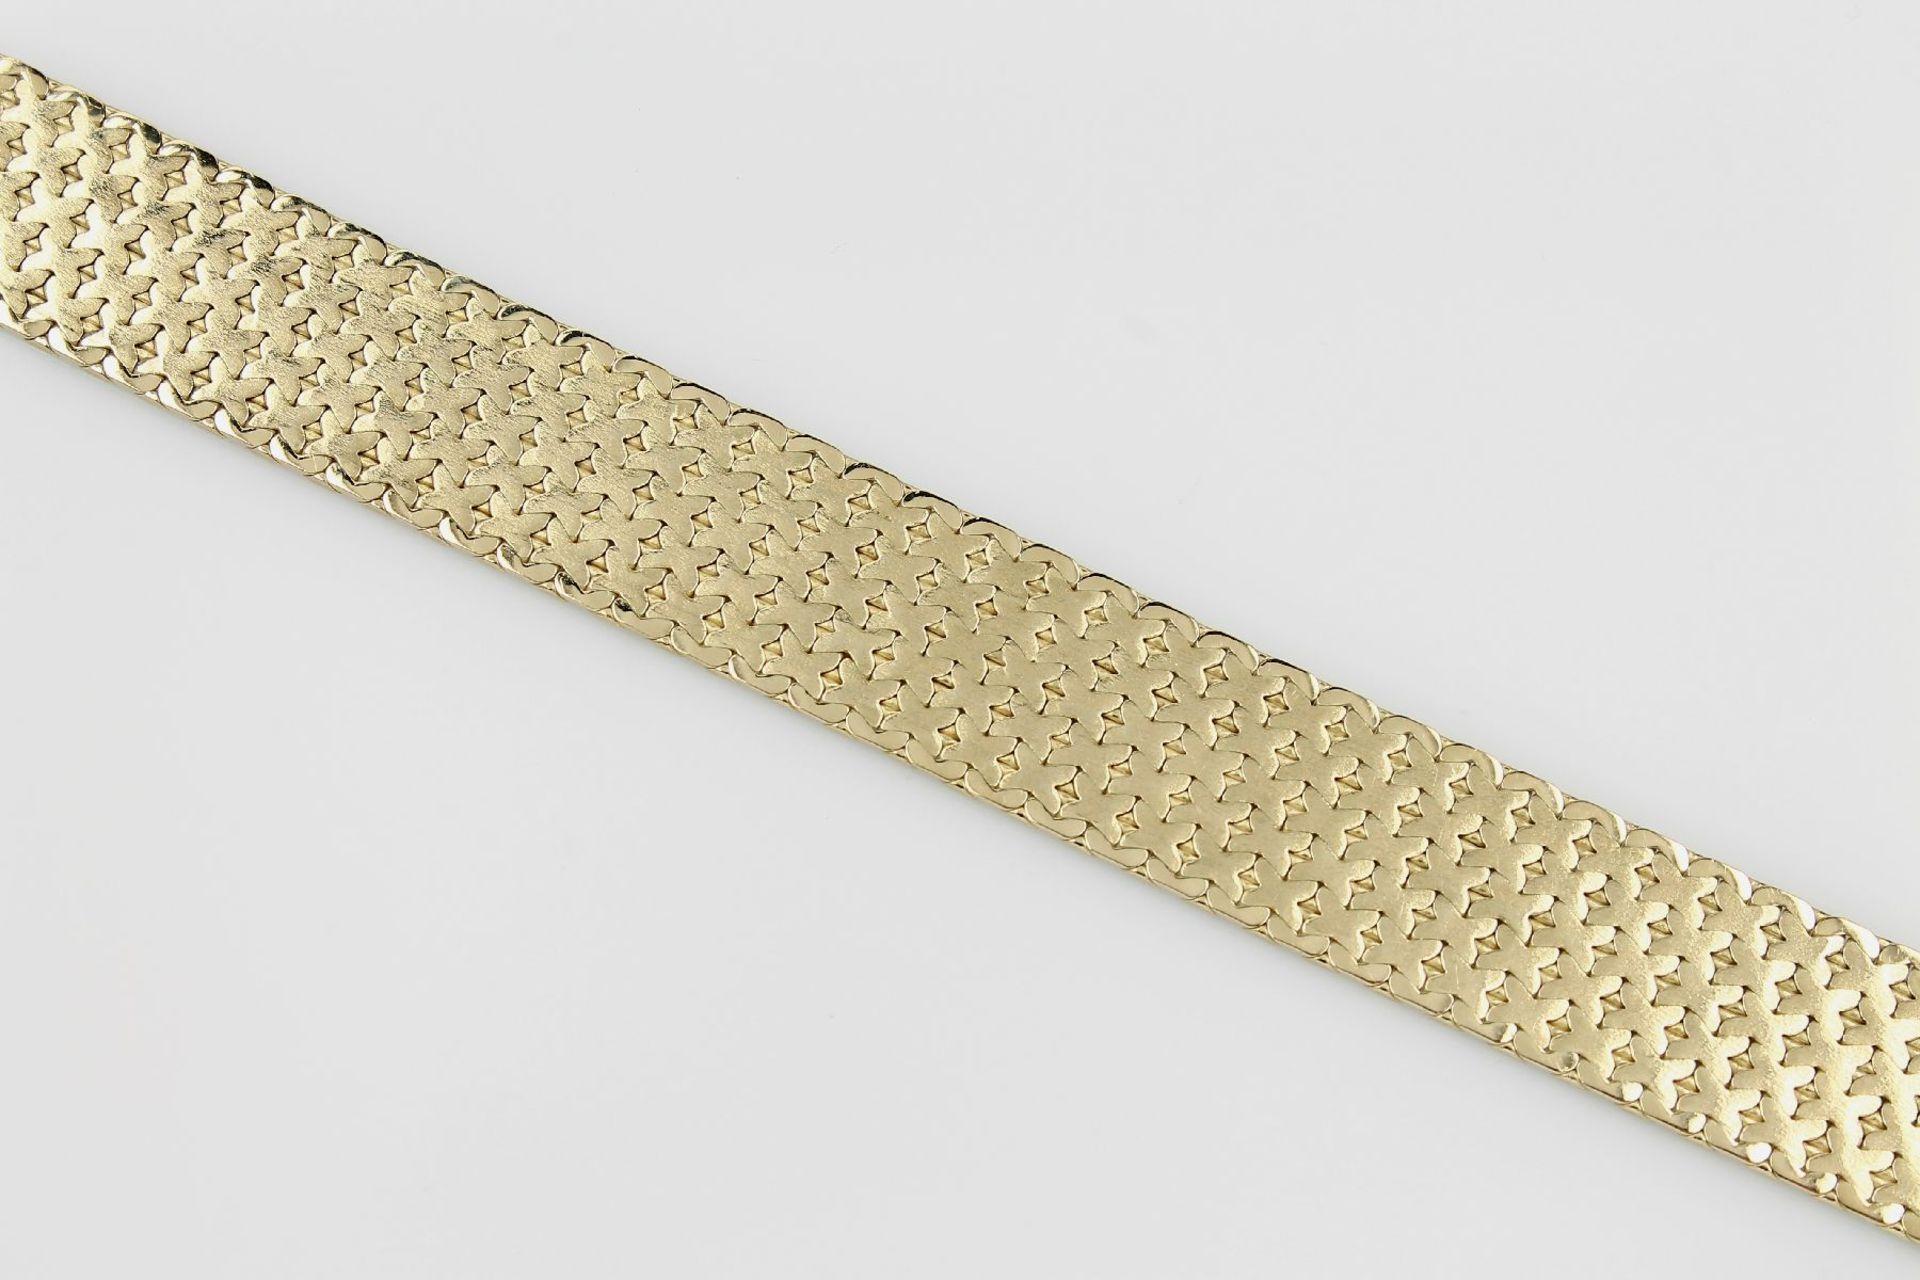 Los 31512 - Breites 14 kt Gold Armband, GG 585/000, ca. 38.5 g, Oberfläche struktur., L. ca. 19 cm, B. ca. 2